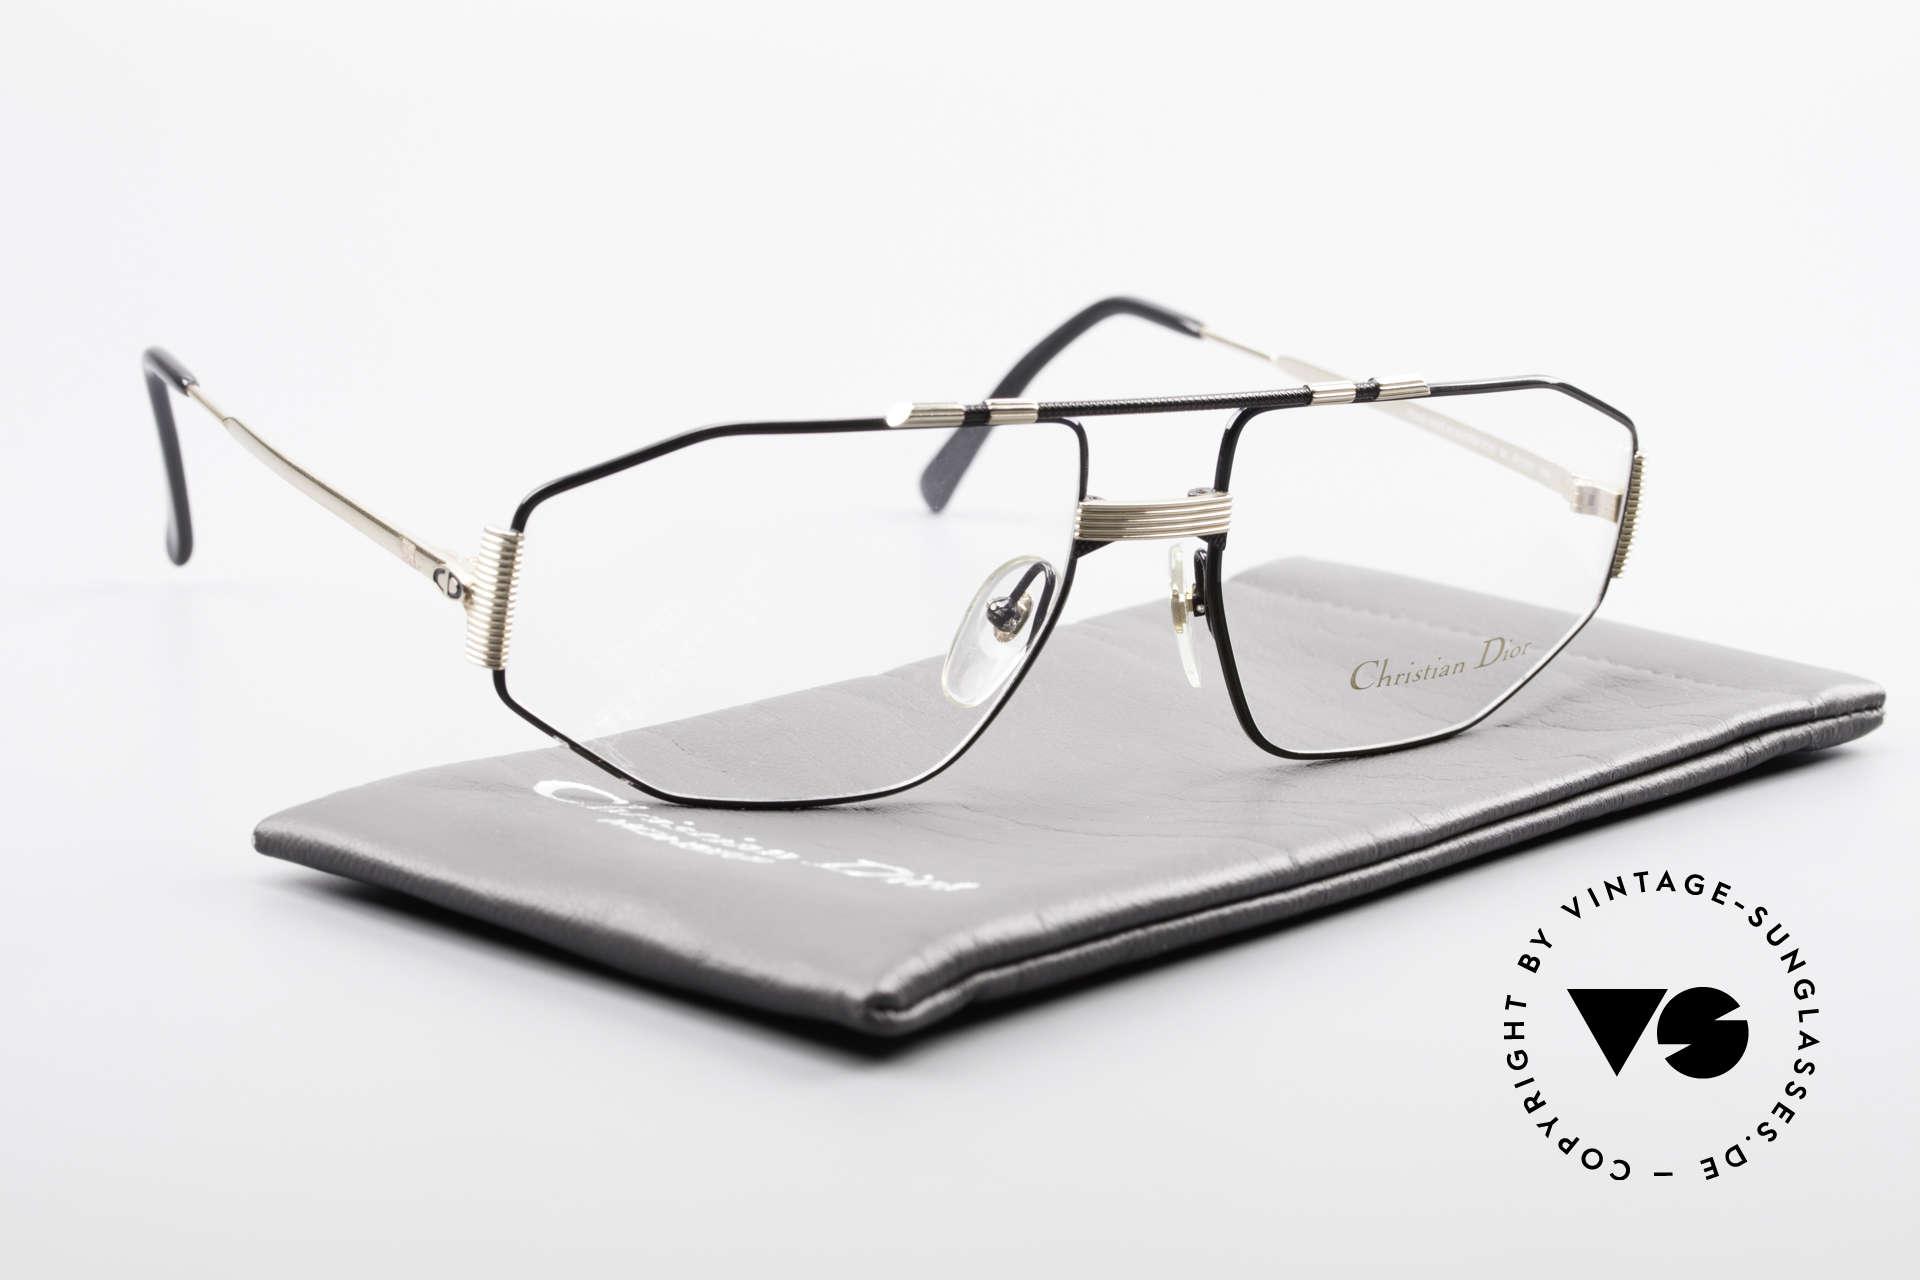 Christian Dior 2516 Vergoldete Vintage Brille 80er, die Qualitätsfassung kann beliebig verglast werden, Passend für Herren